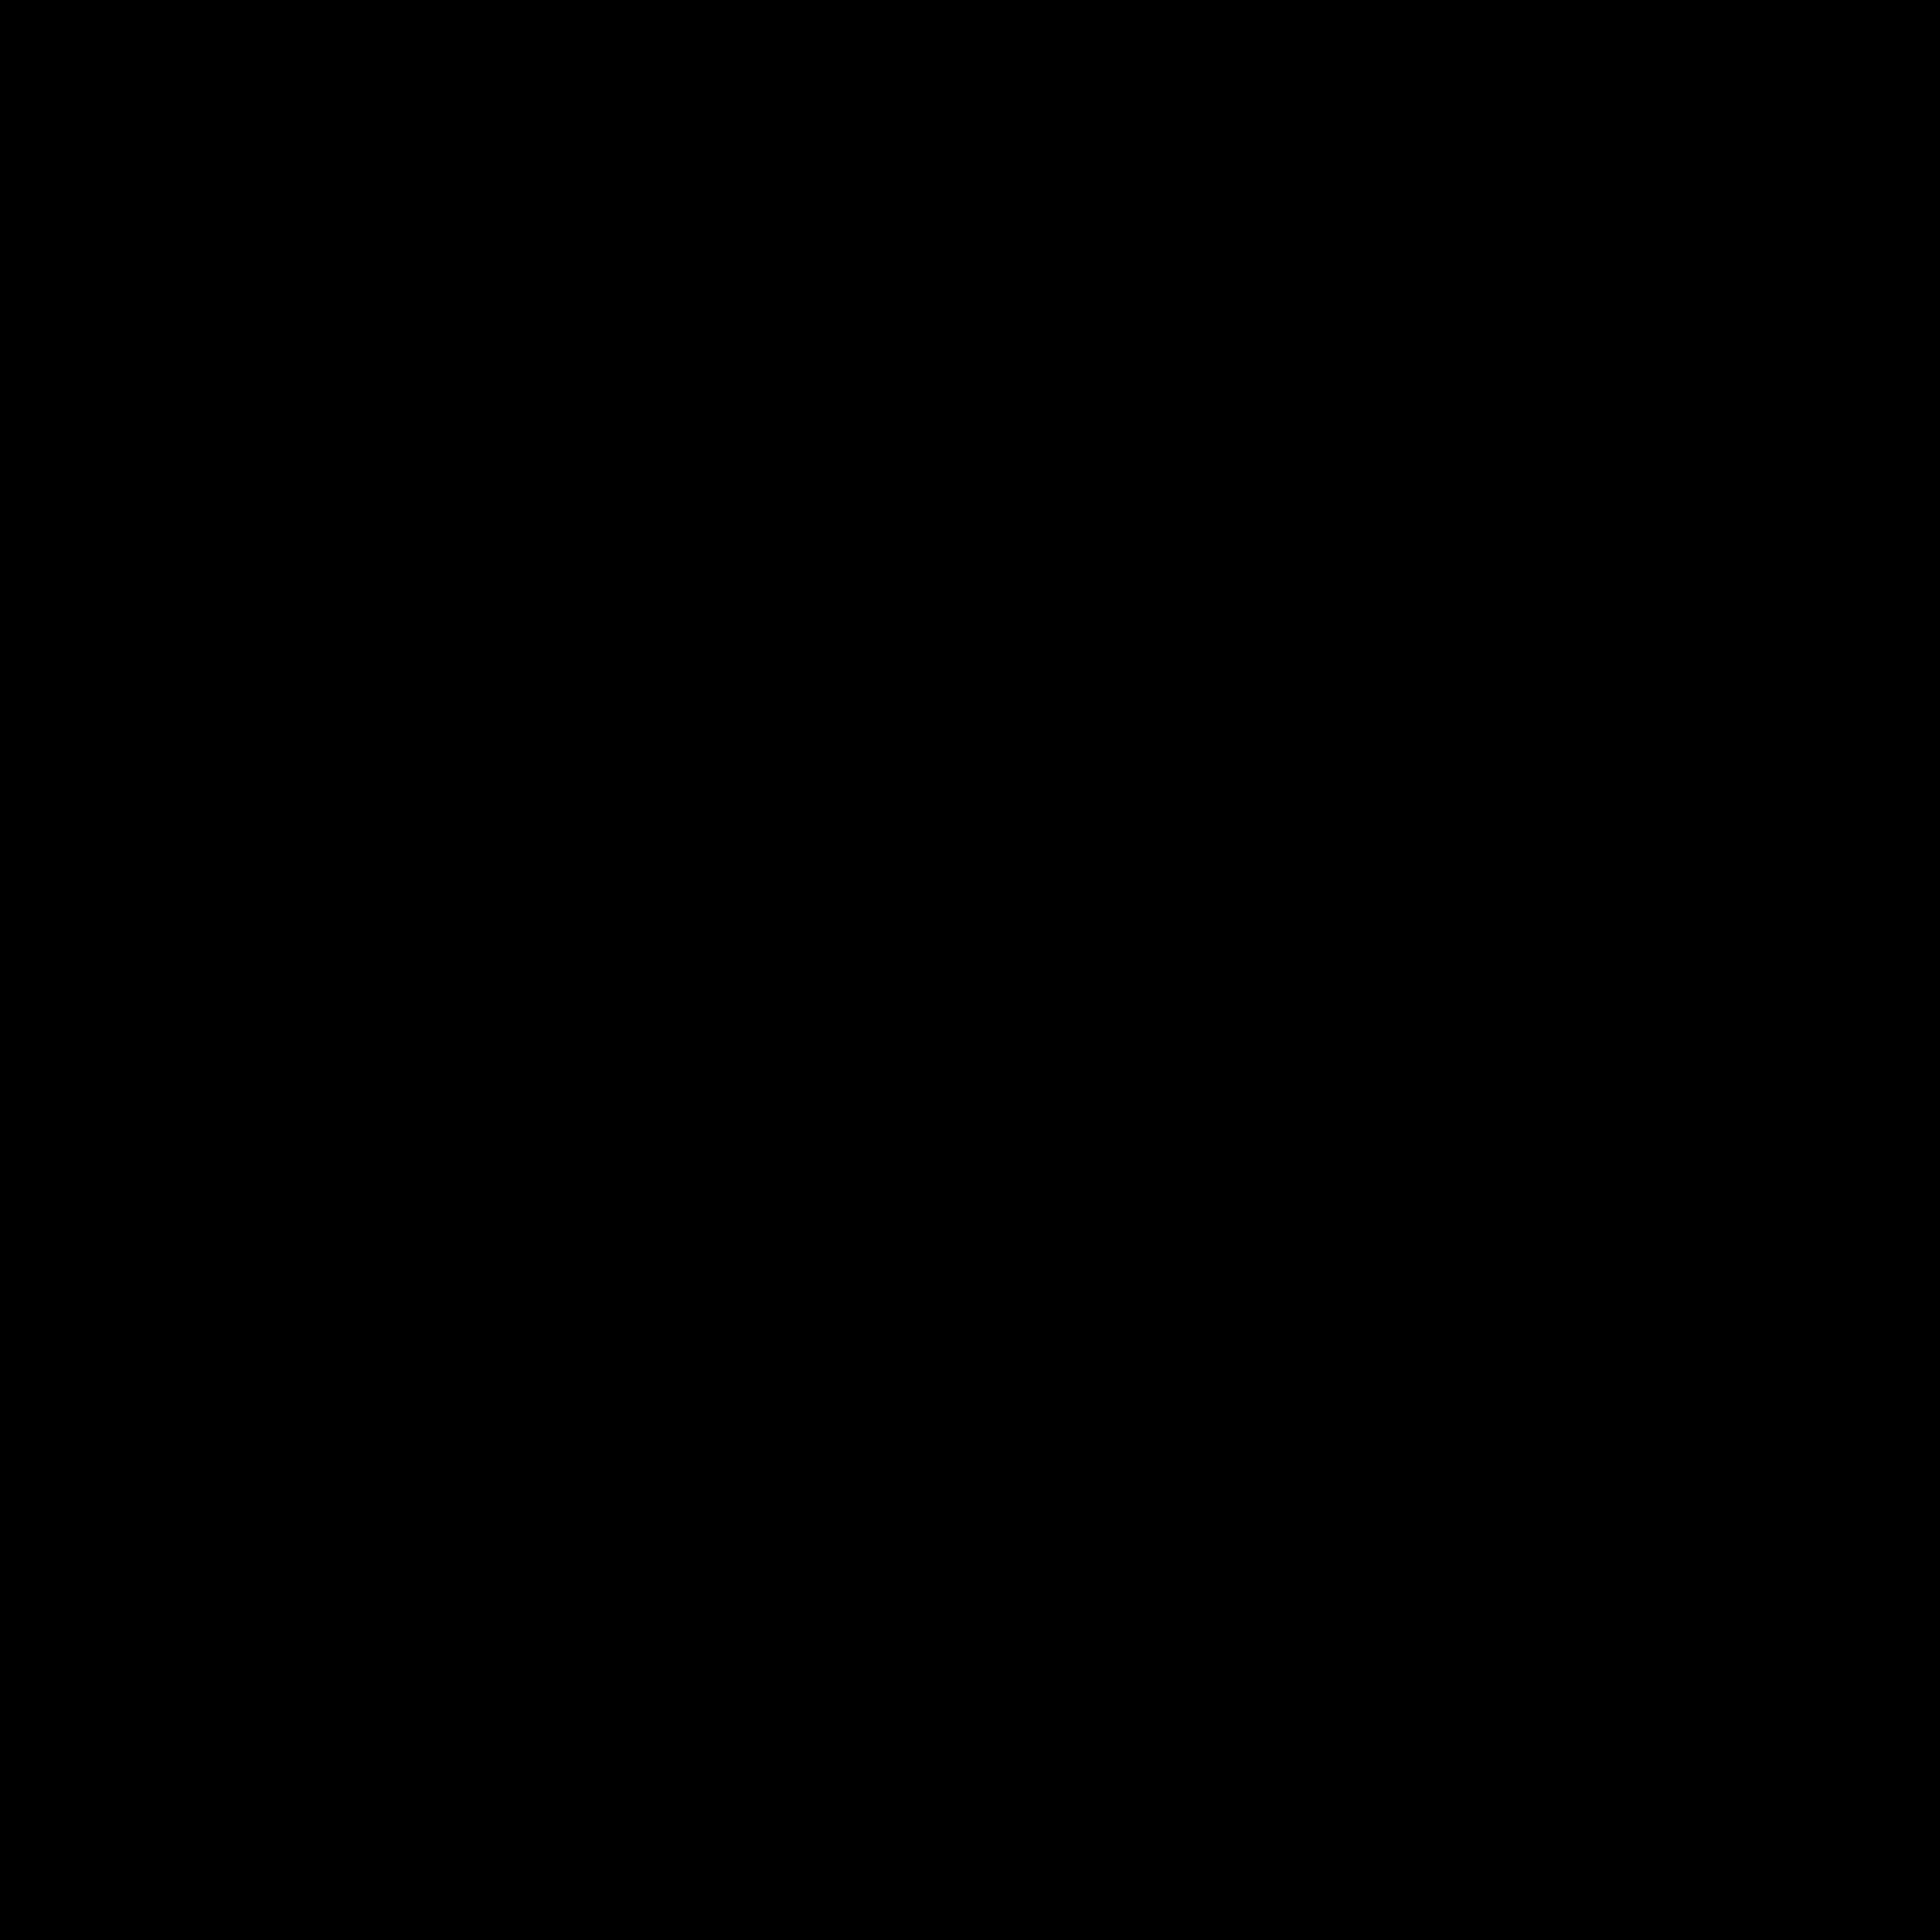 MIDNIGHT GOLD. Eau de Parfum (60ML)